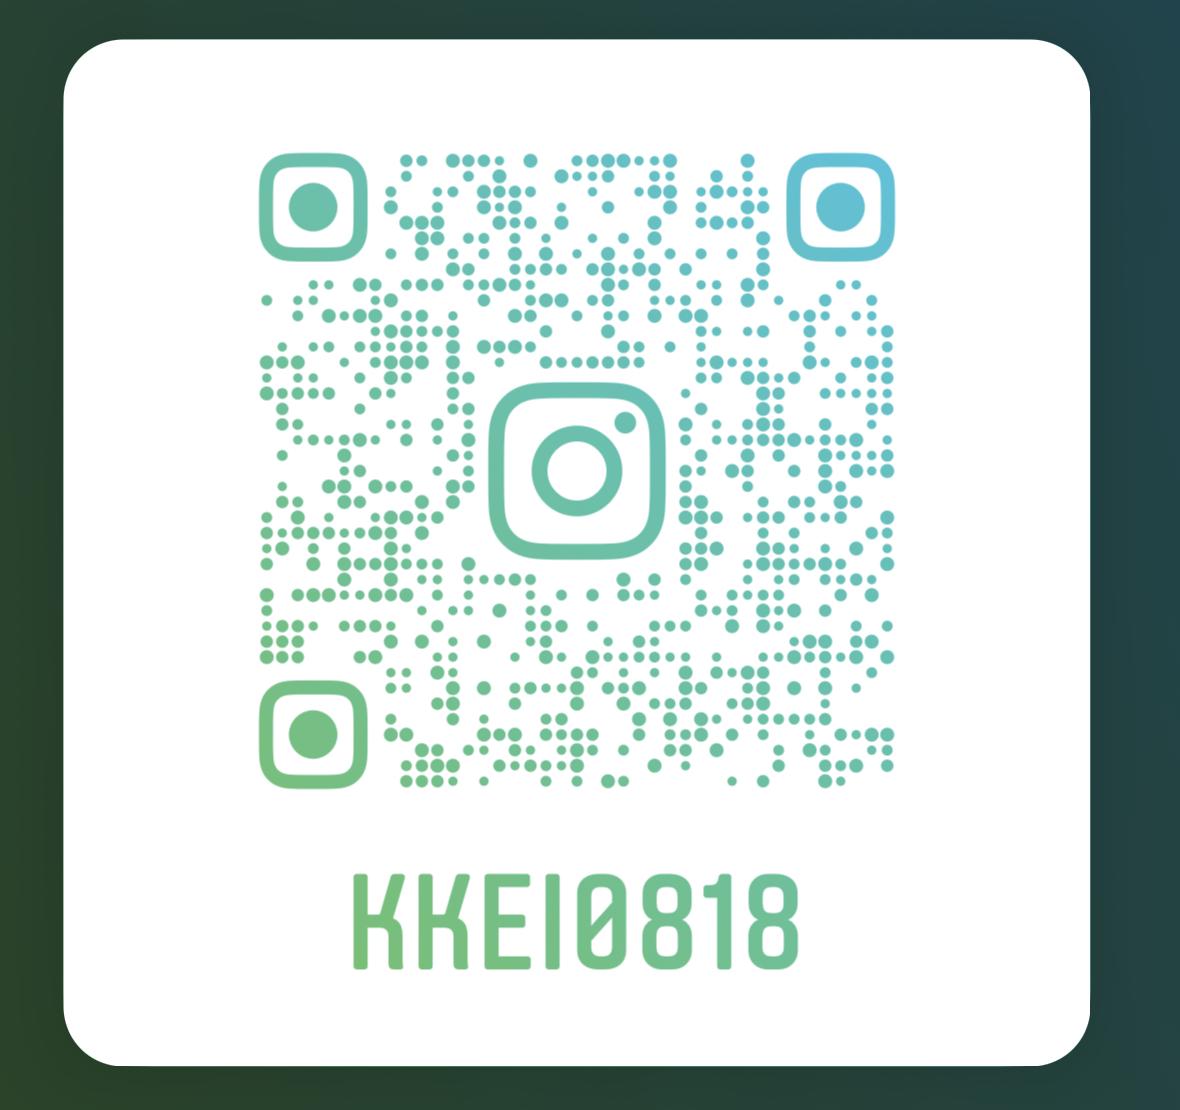 9922EF1A-5E78-4175-A1D8-2EC14C781ECD